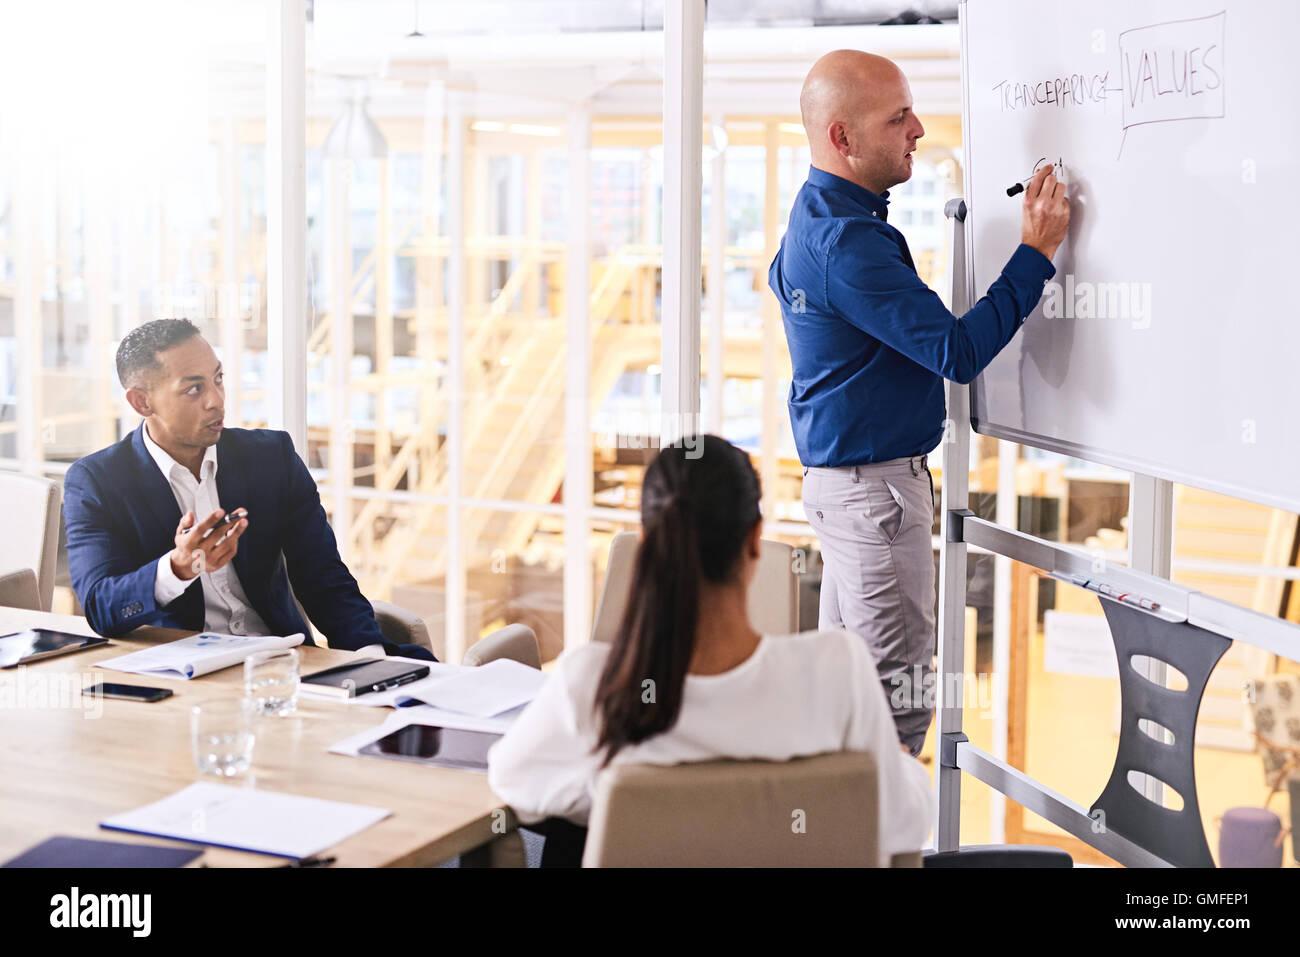 Kaukasische Jungunternehmer Unternehmenswerte auf Tafel schreiben Stockbild